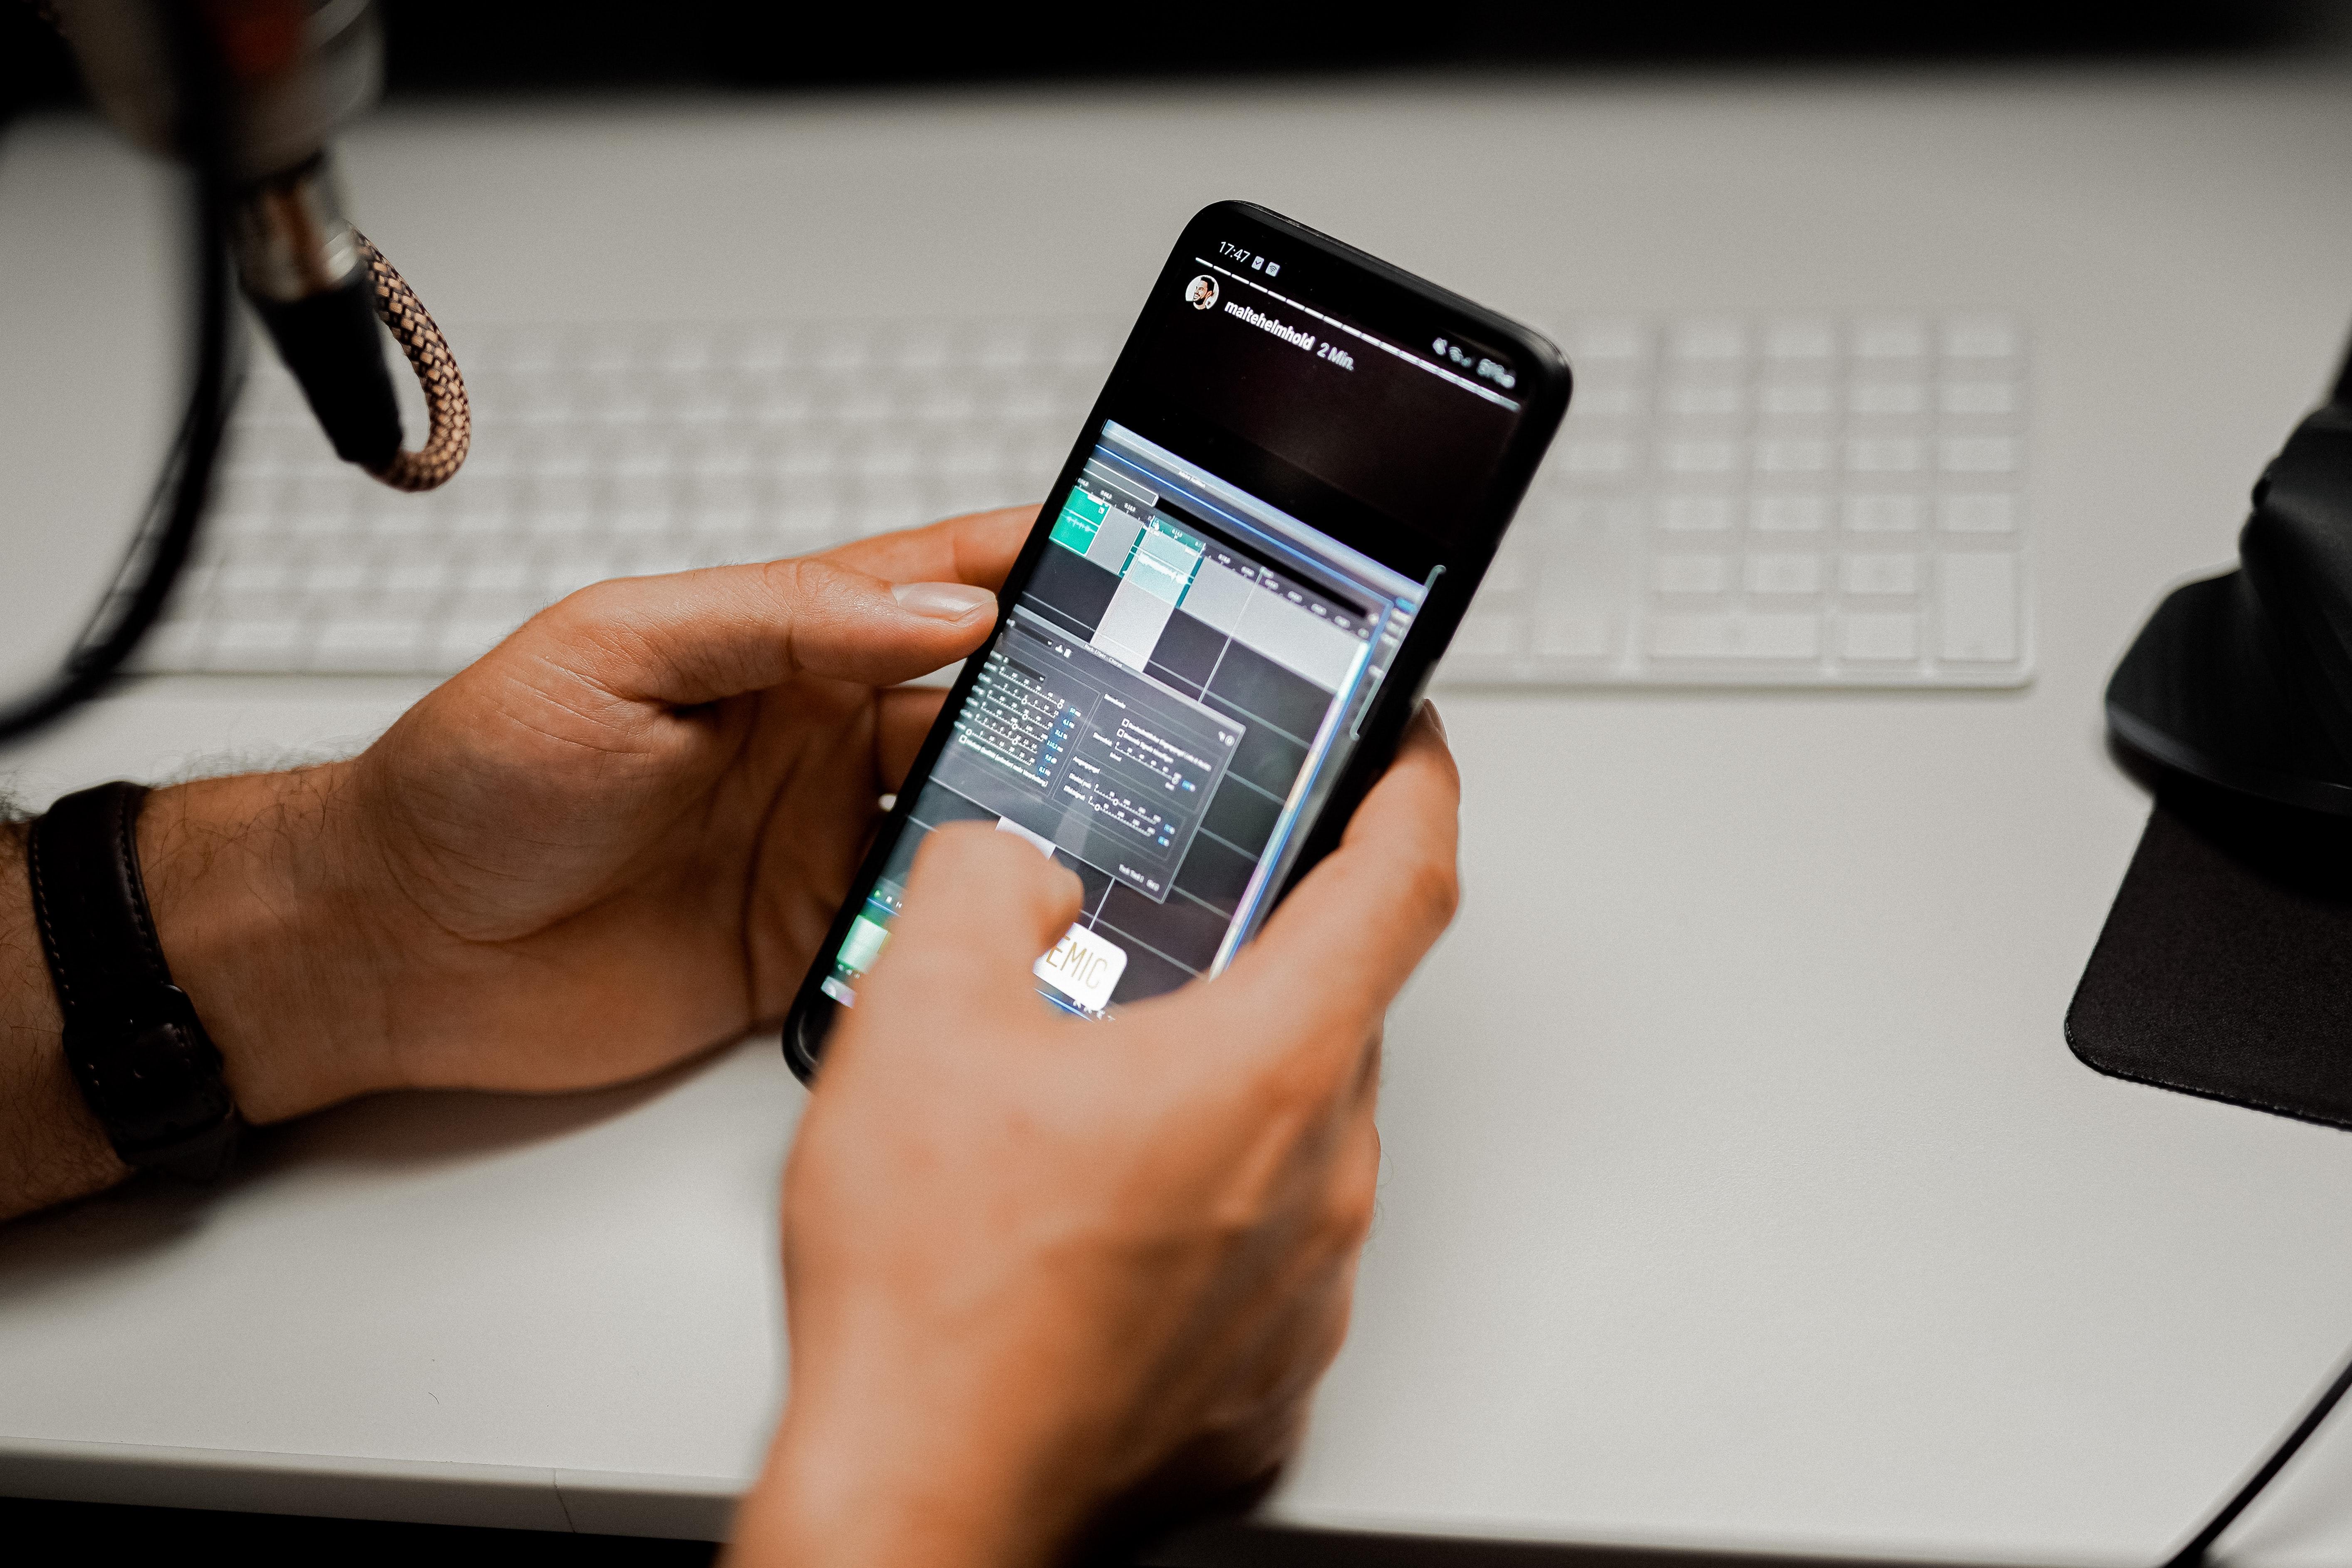 editing video or instagram reels on phone